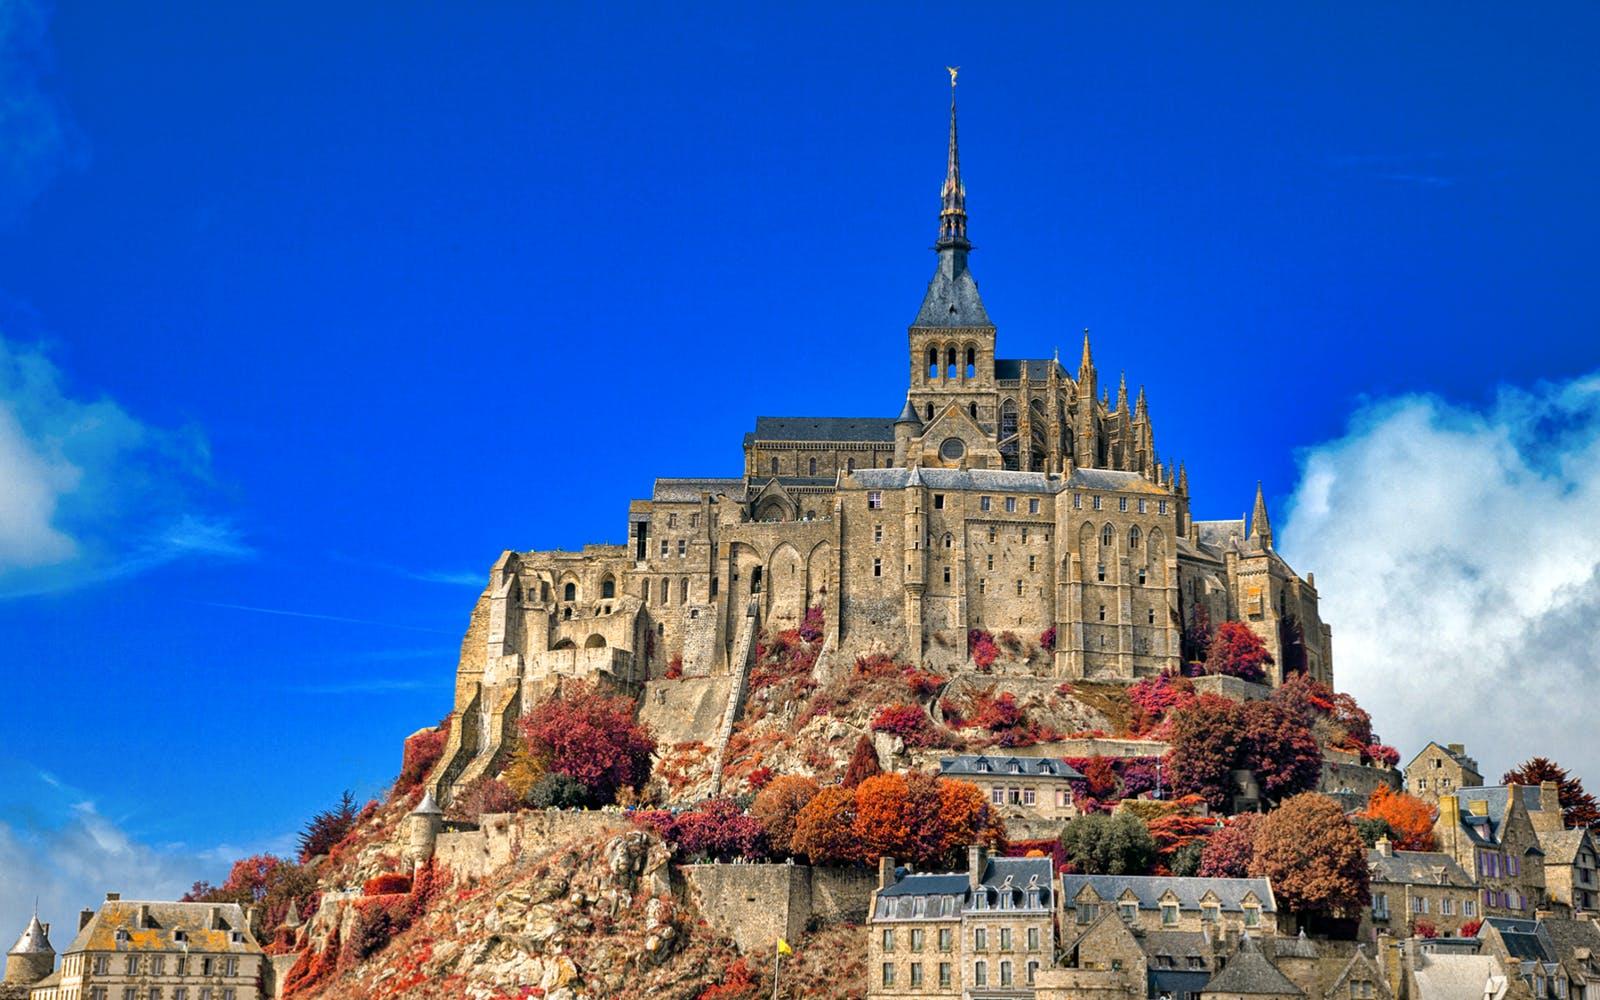 paris in April - Sainte Chapelle Christmas Concerts